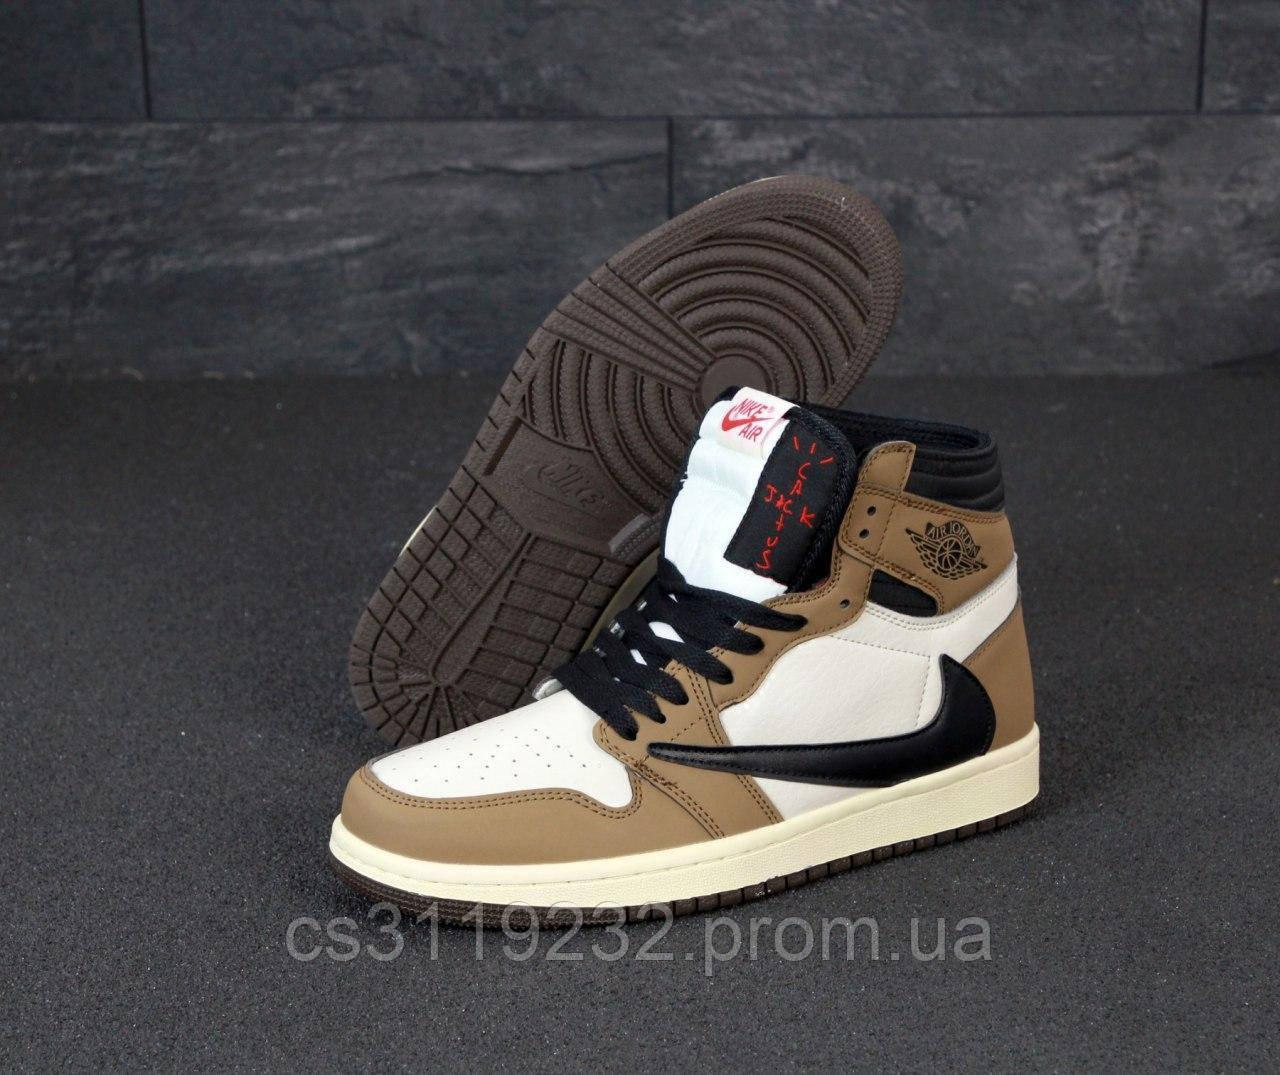 """Мужские кроссовки Nike Air Jordan 1 High OG """"Cactus Jack"""" (бело-коричневый)"""